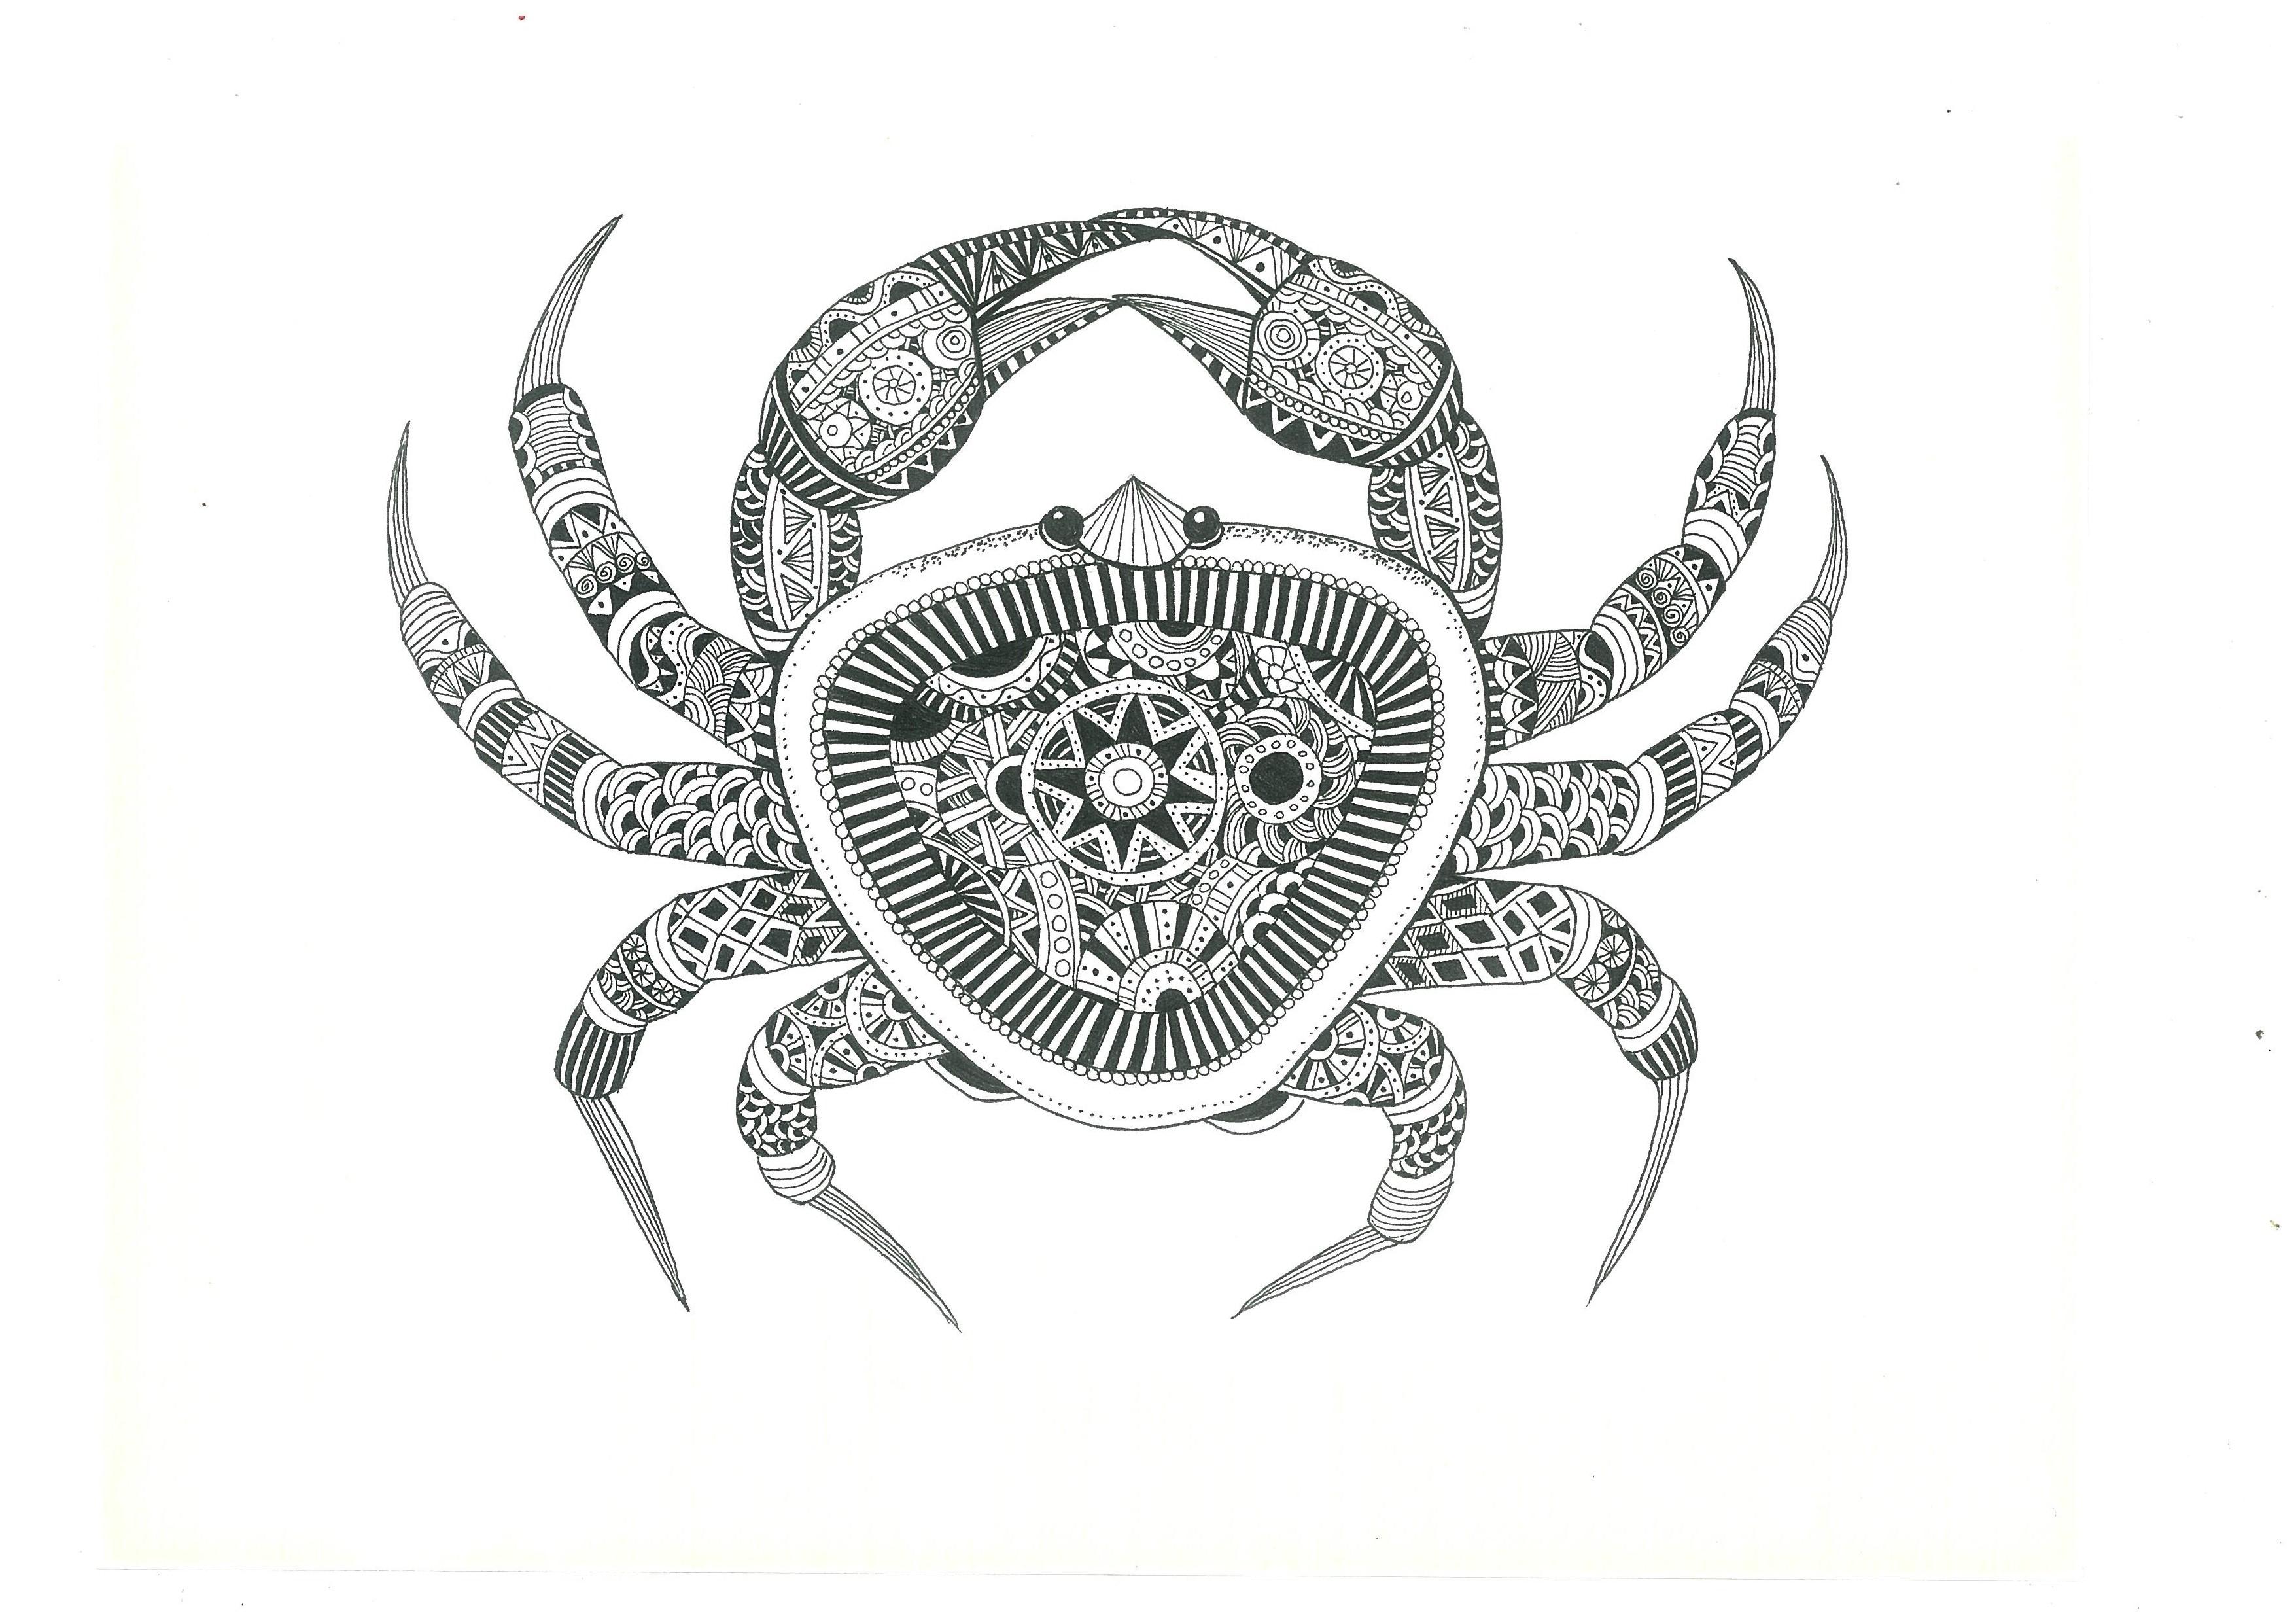 以手绘的形式来表现海鲜的唯美形态,整体用